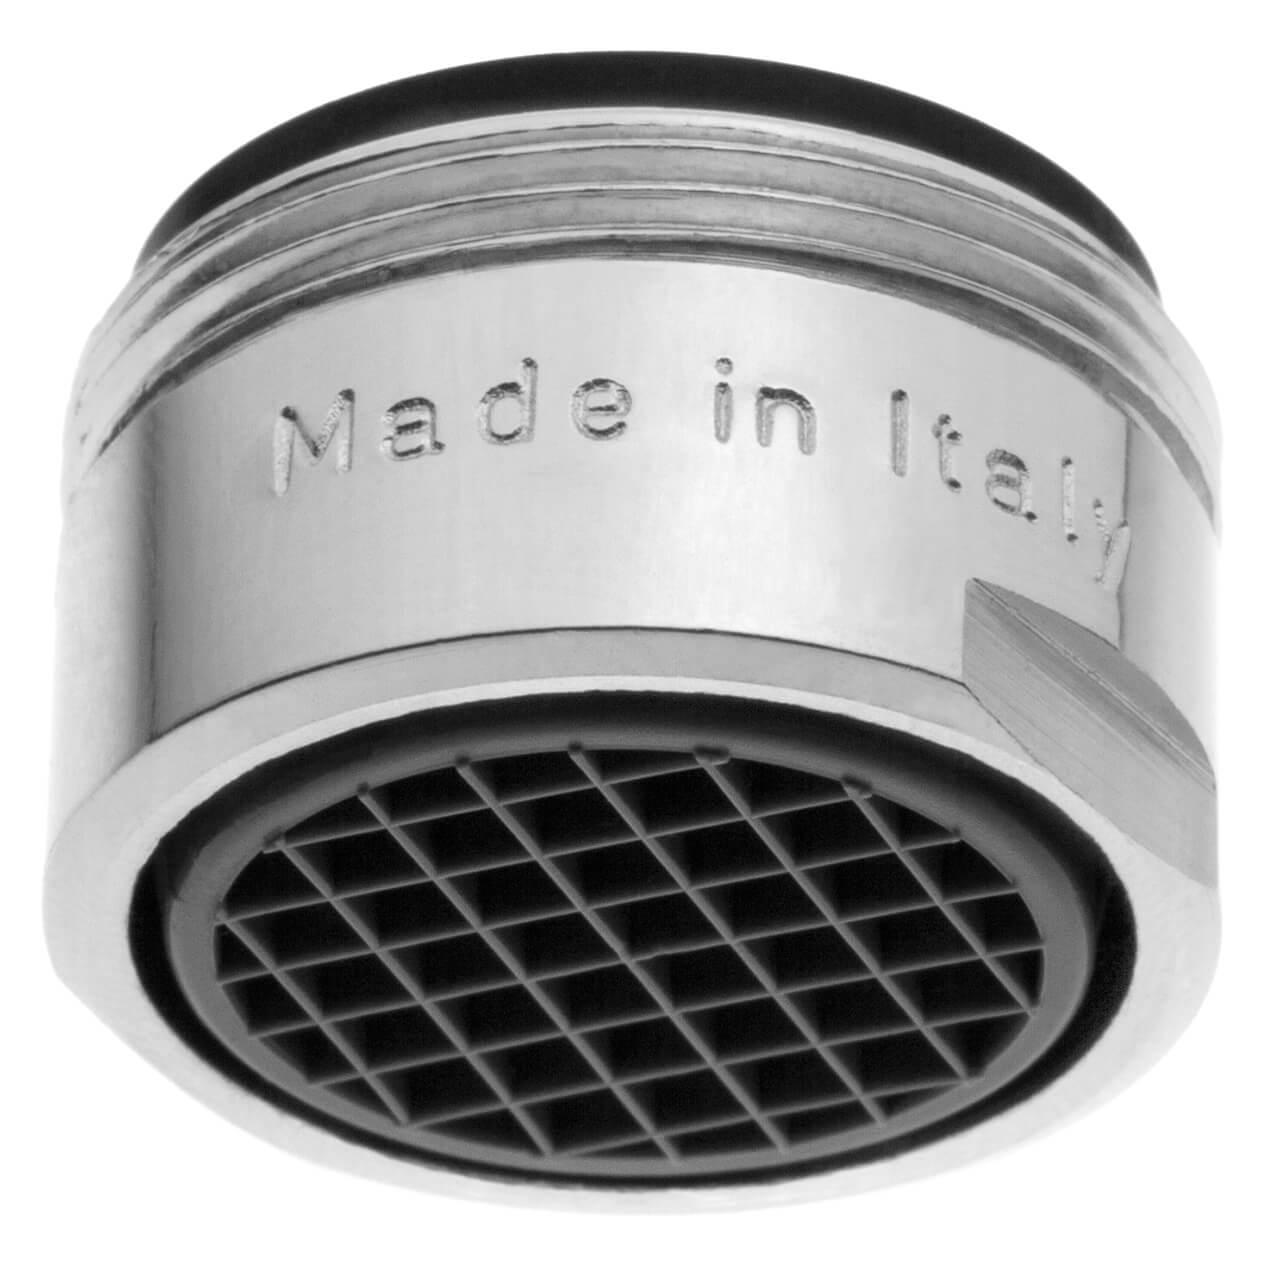 Aérateur économique d'eau Terla FreeLime 1.7 l/min - Filetage M24x1 mâle - plus populaire